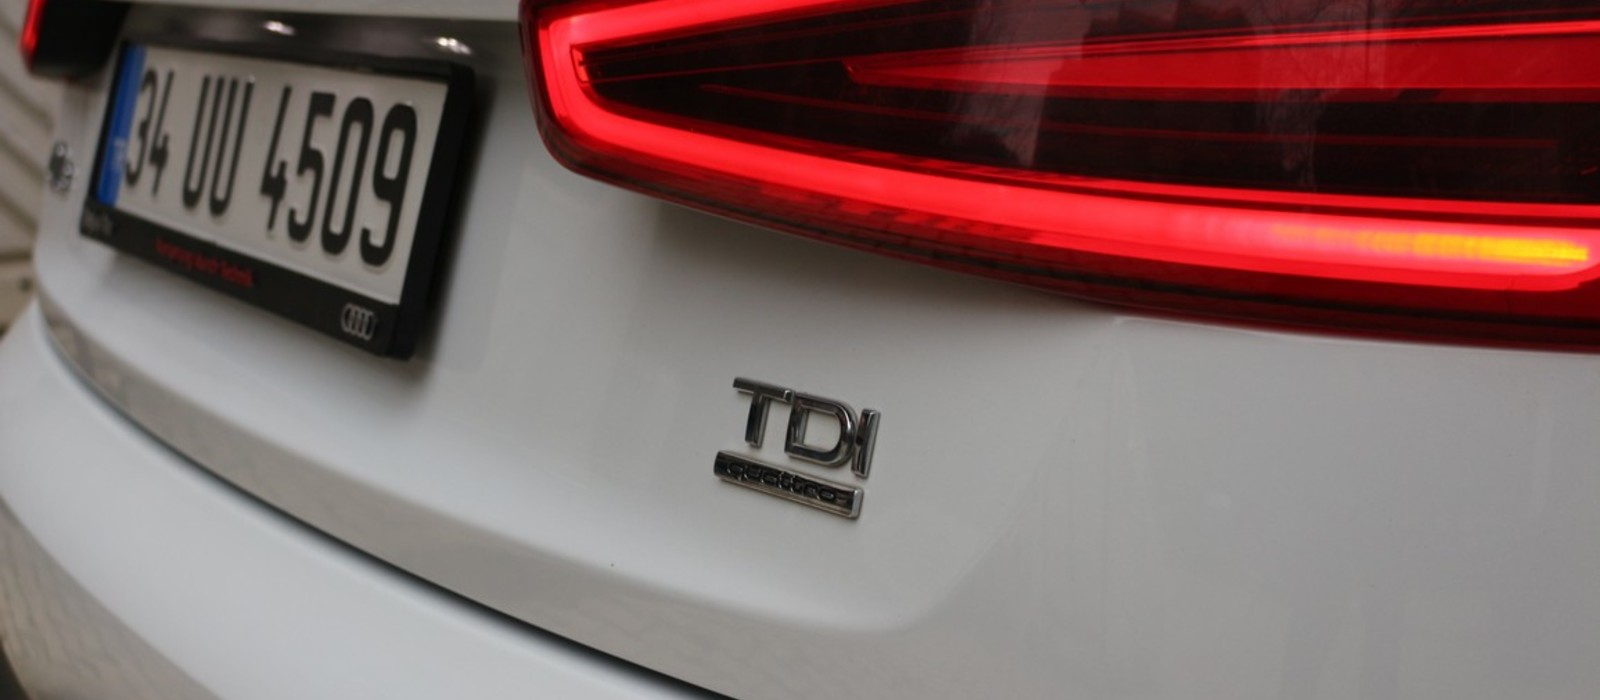 ikinci el araba 2012 Audi Q3 2.0 TDI Dizel Otomatik 79600 KM 7